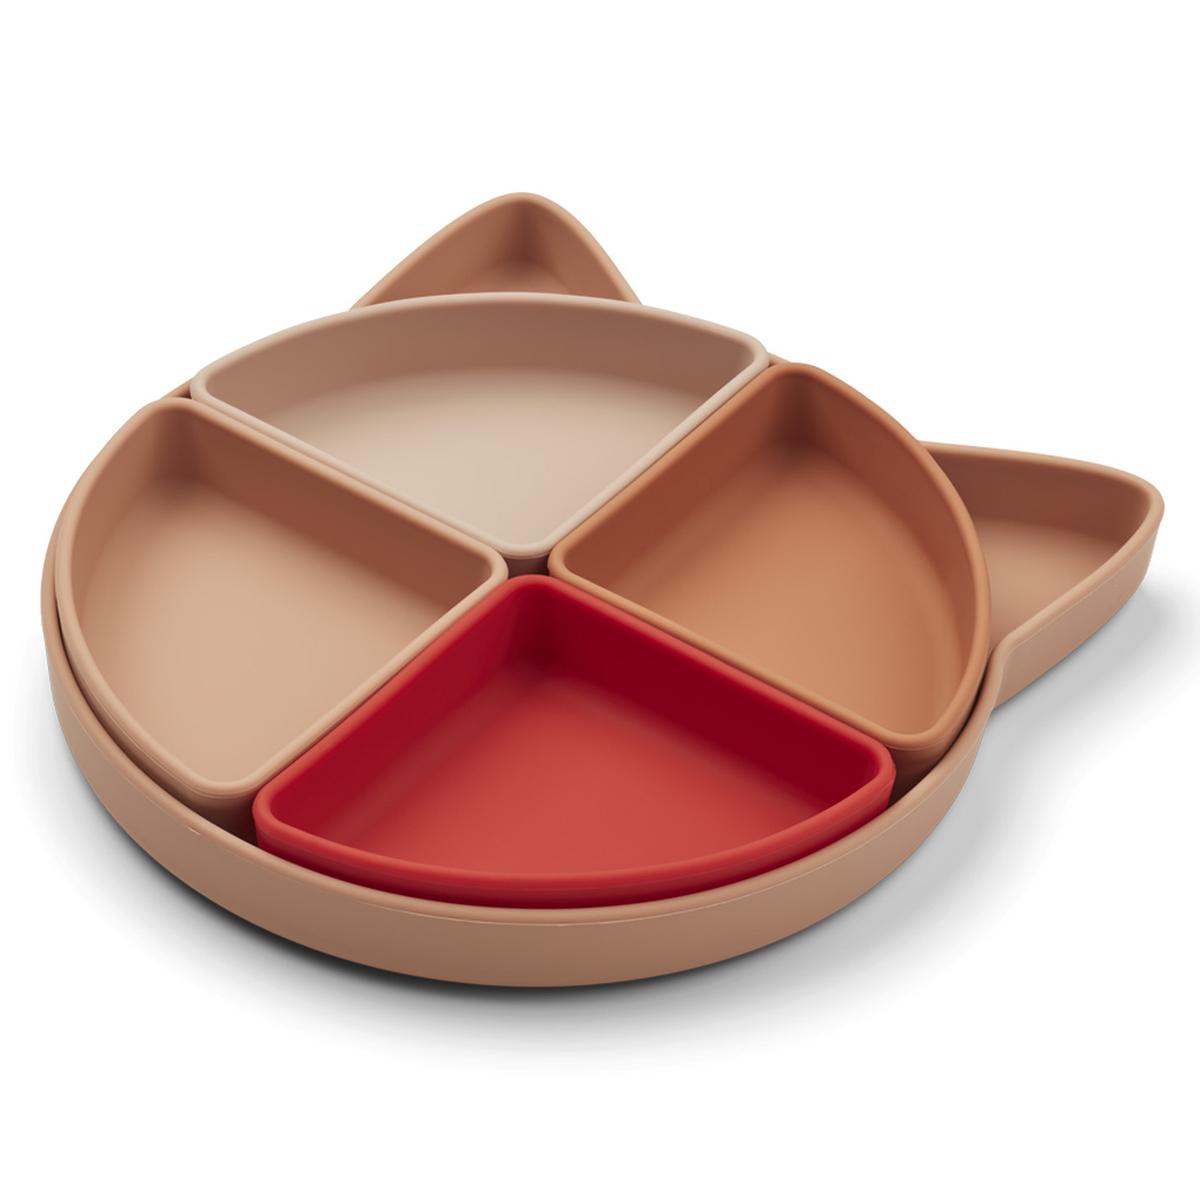 Vaisselle & Couvert Assiette Compartimentée Arne - Cat Tuscany Rose Multi Mix Assiette Compartimentée Arne - Cat Tuscany Rose Multi Mix